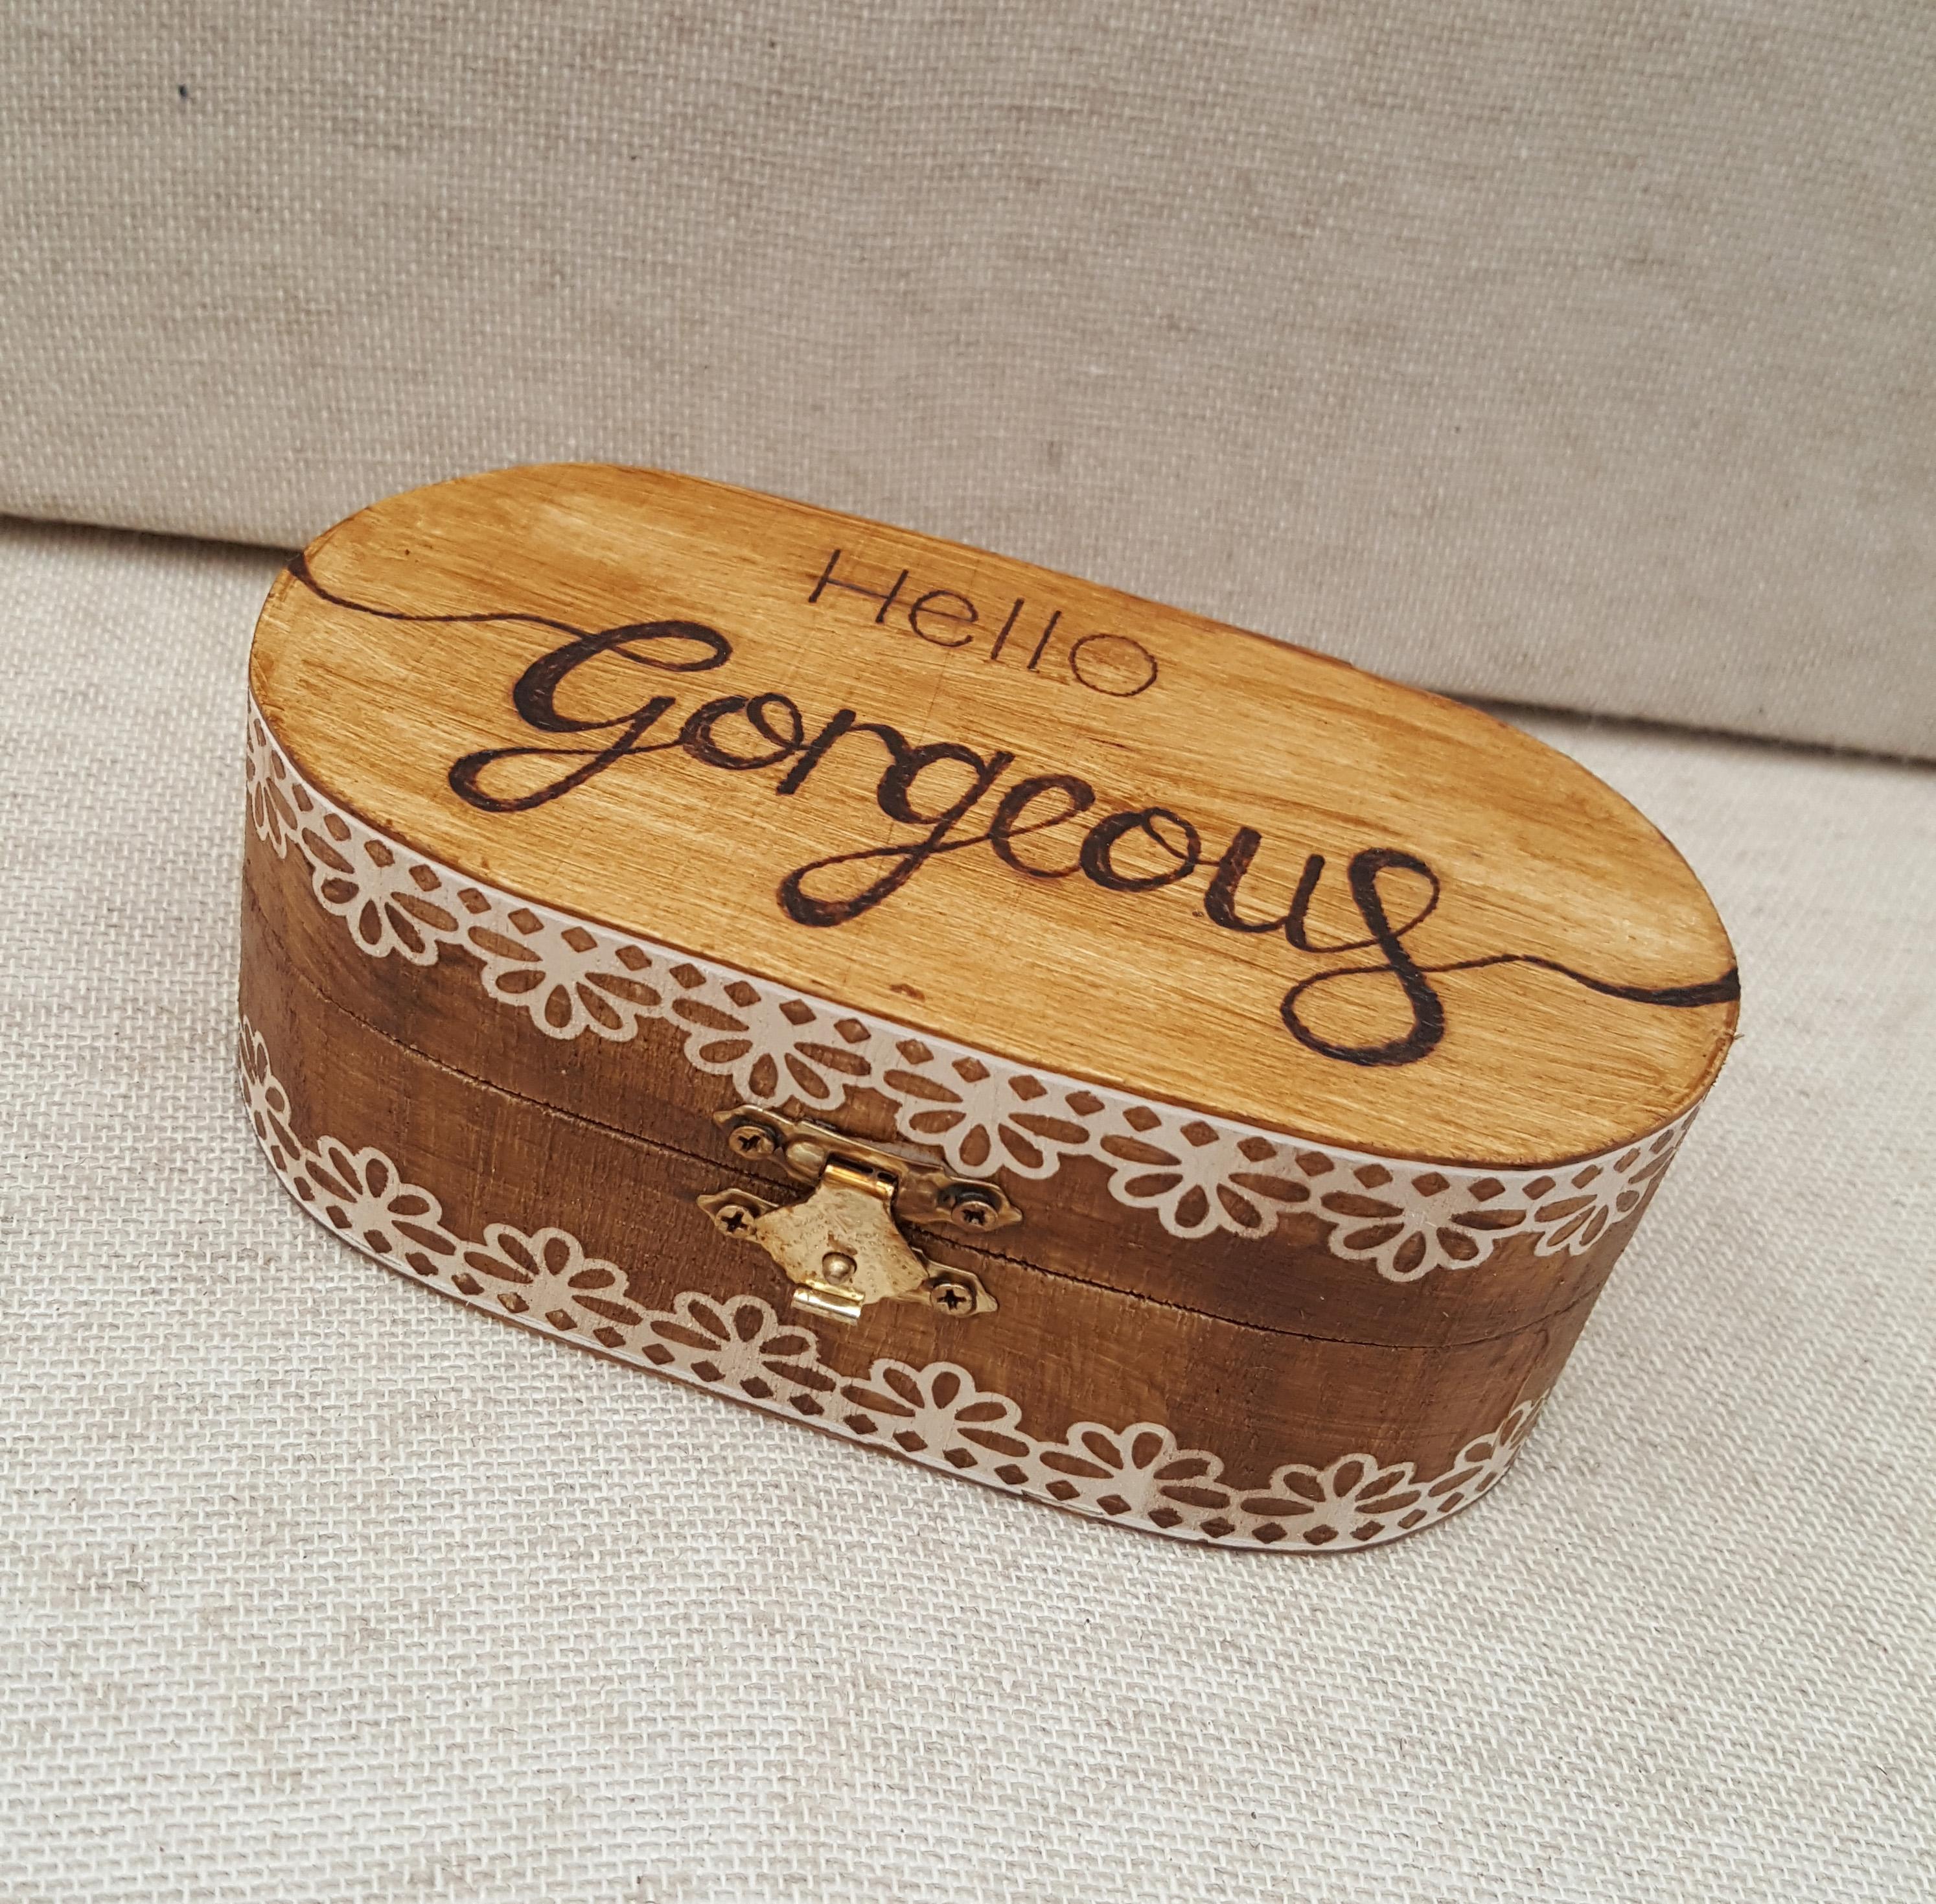 Hello GorgeousBox